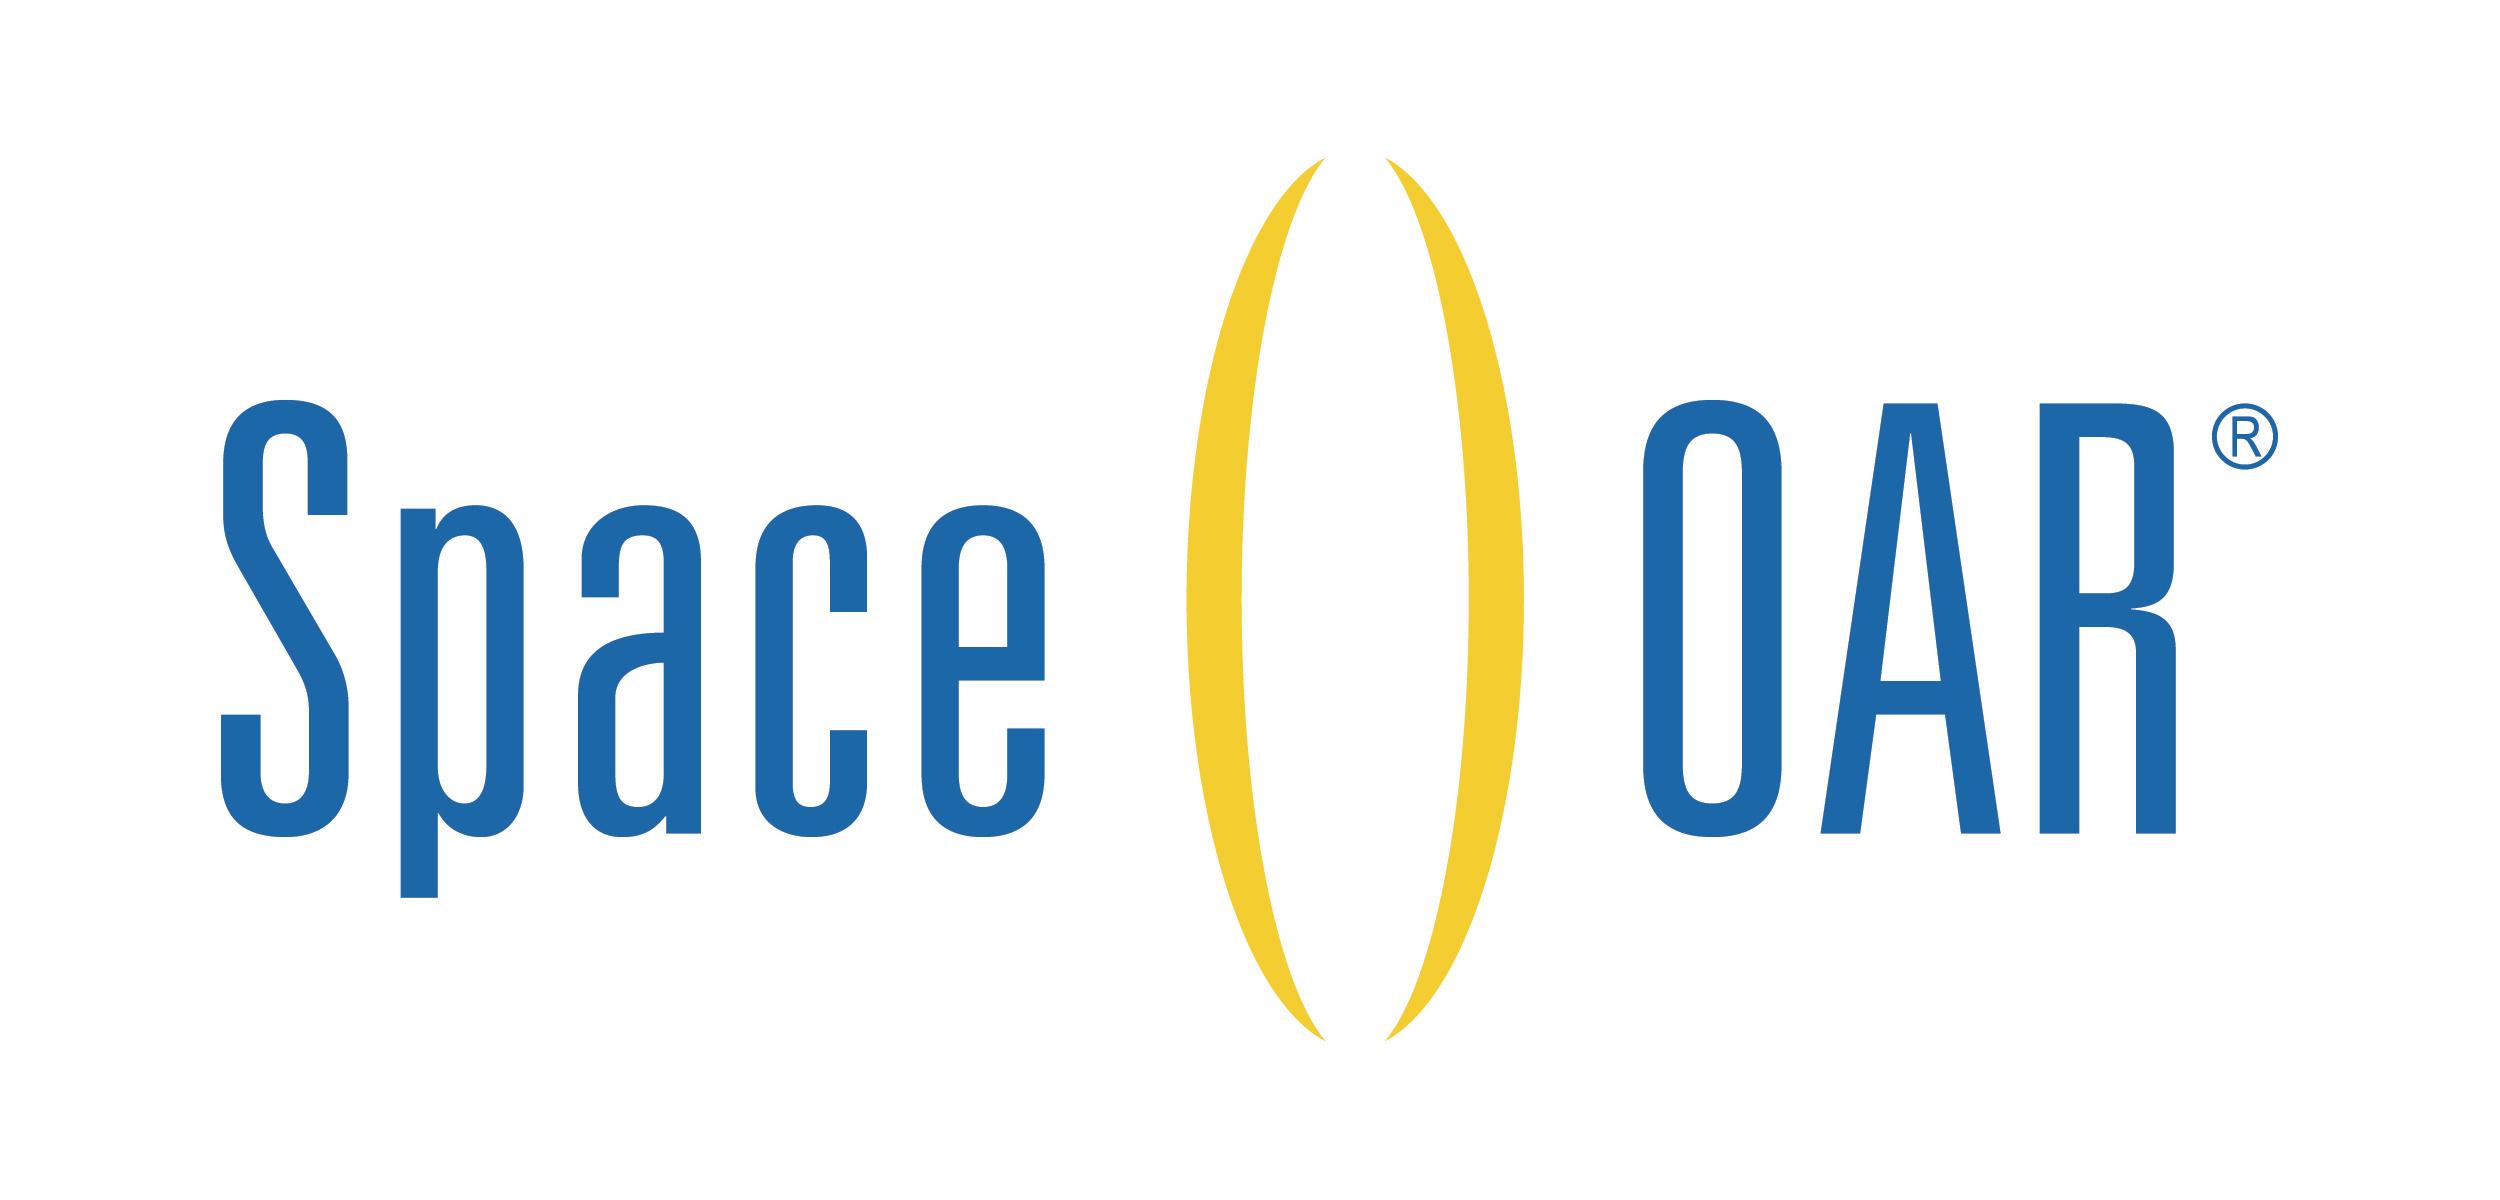 http://spaceoar.com